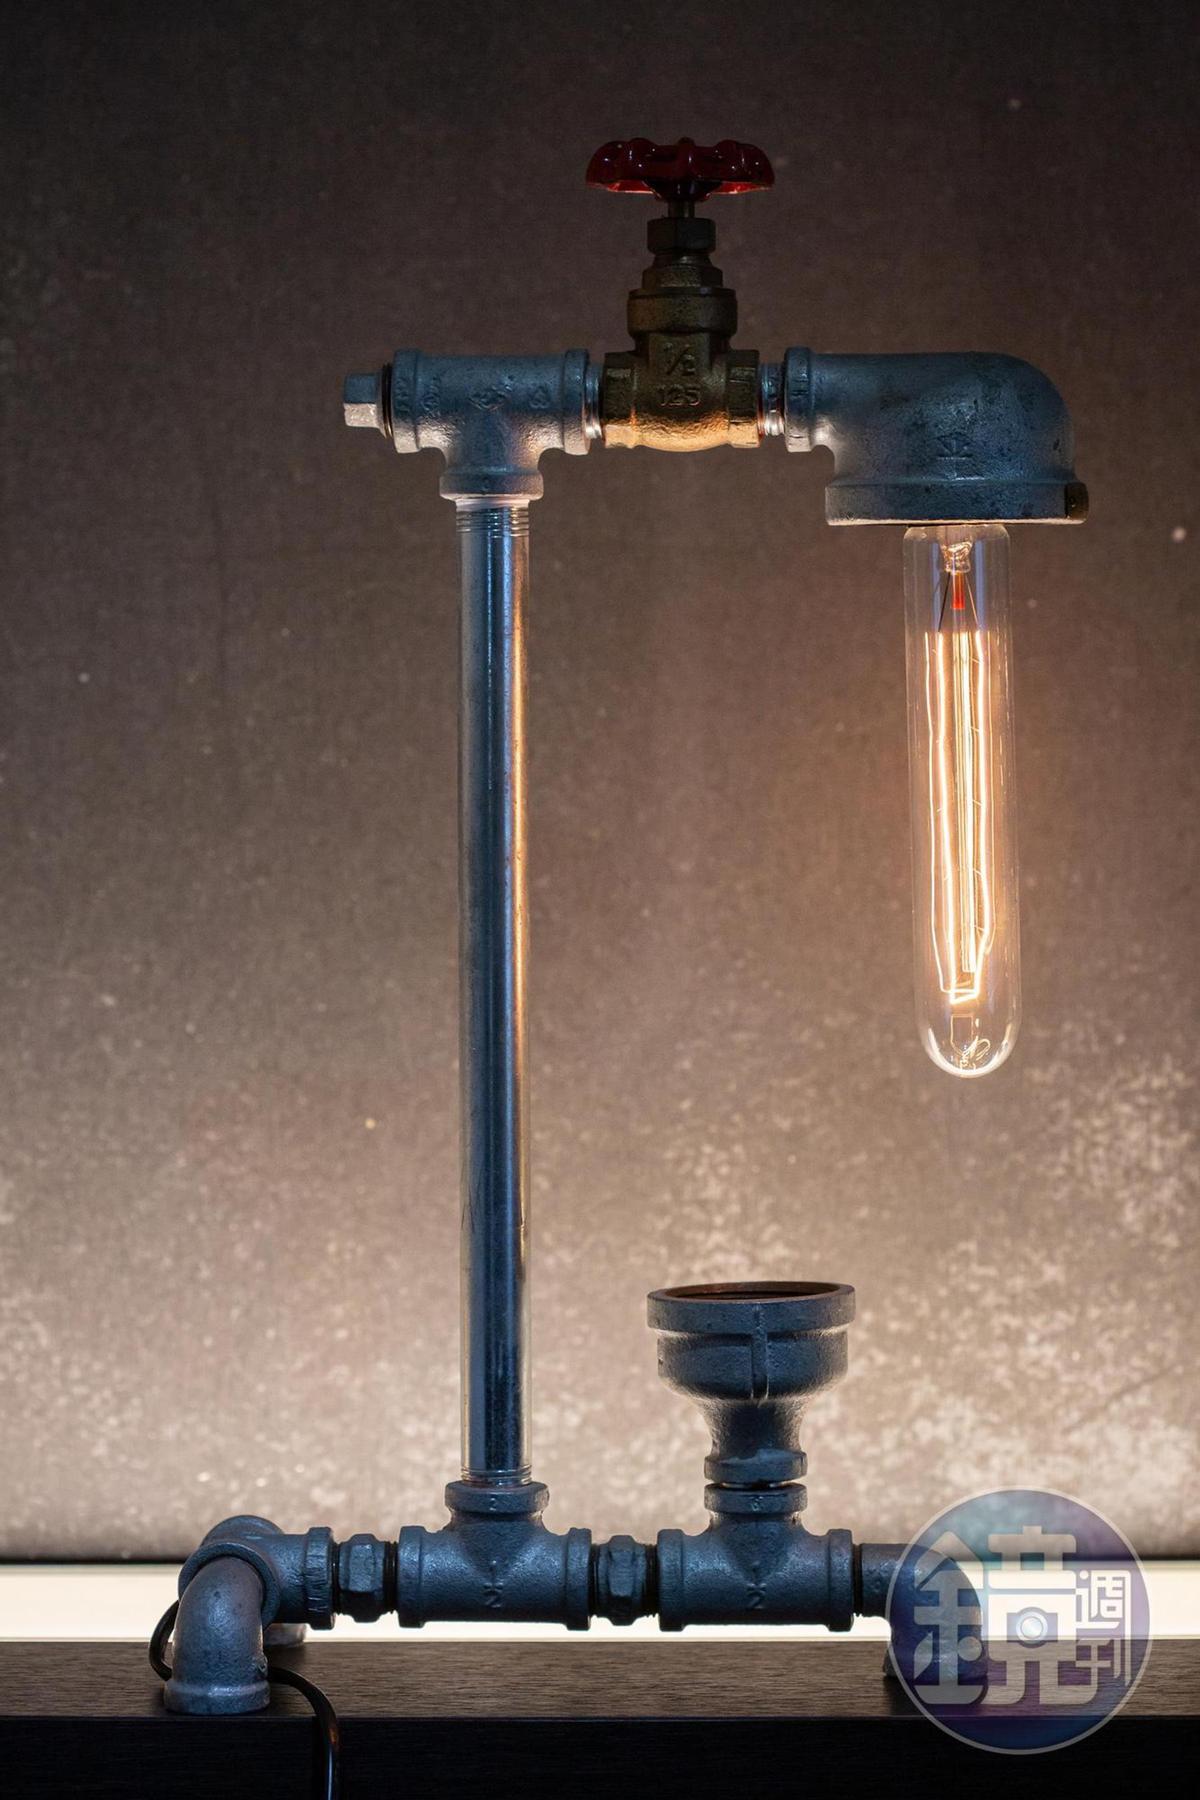 以水龍頭與水管設計的燈具,讓水電真正融為一體,增加照明樂趣。